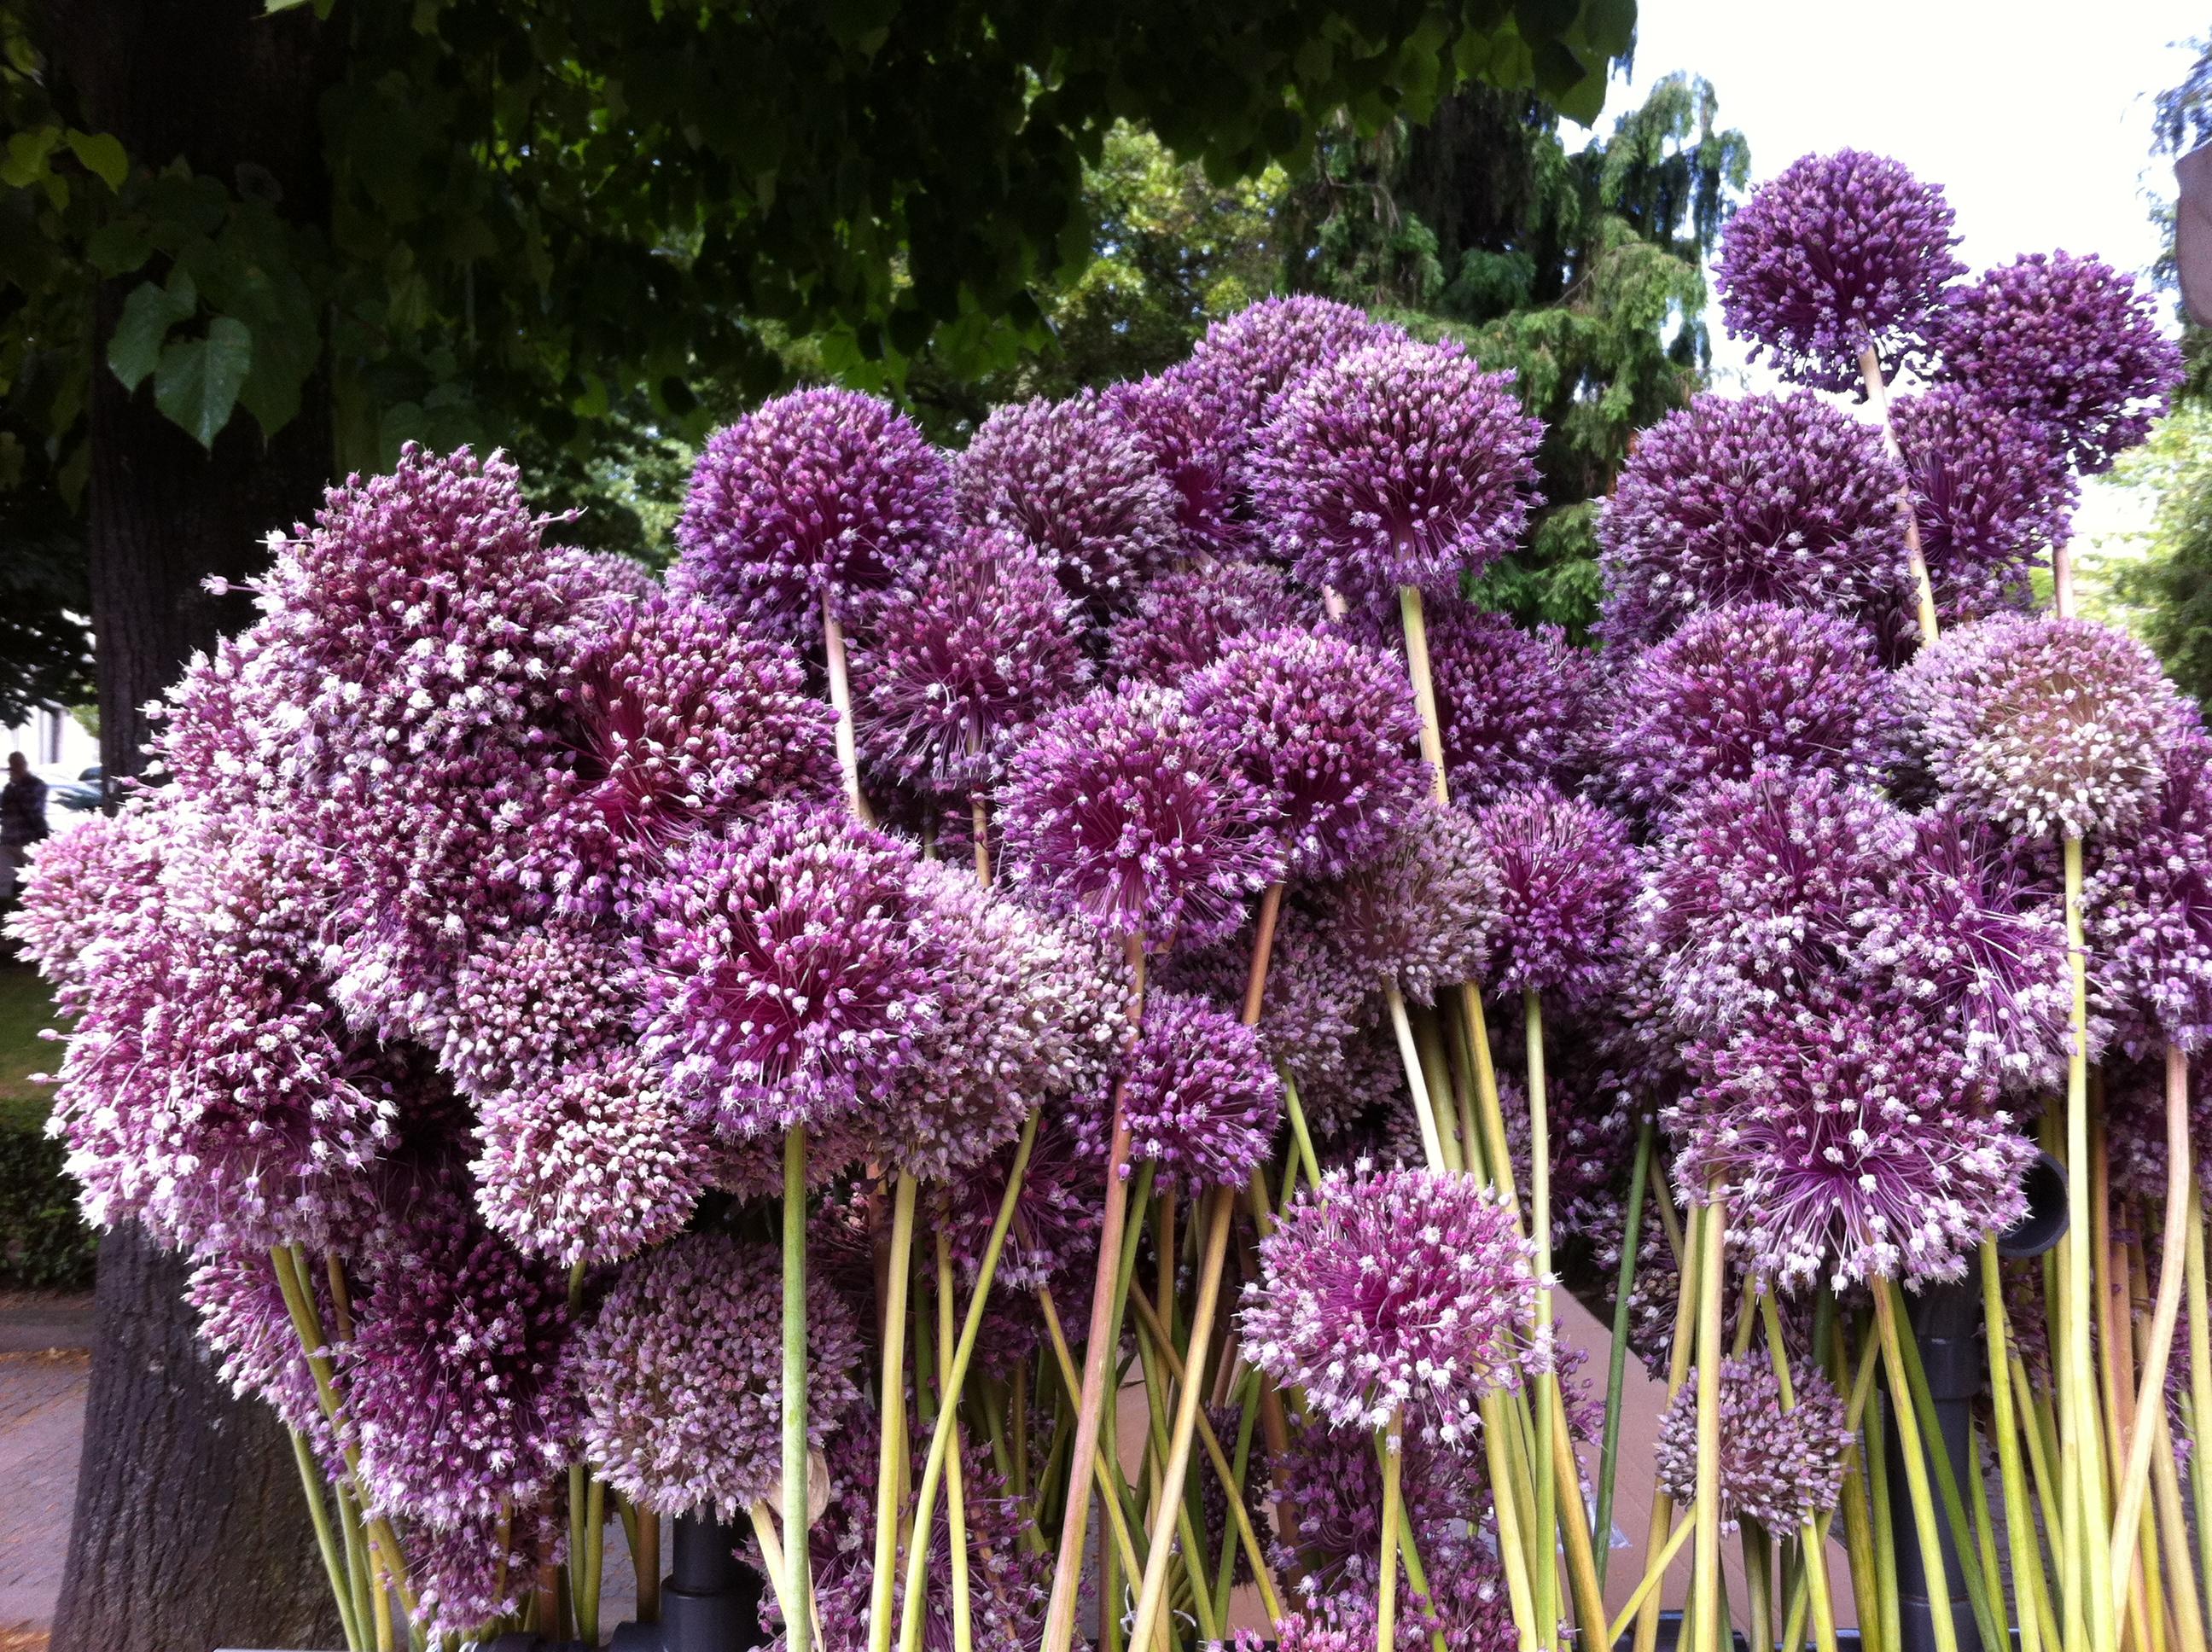 São João Garlic flowers